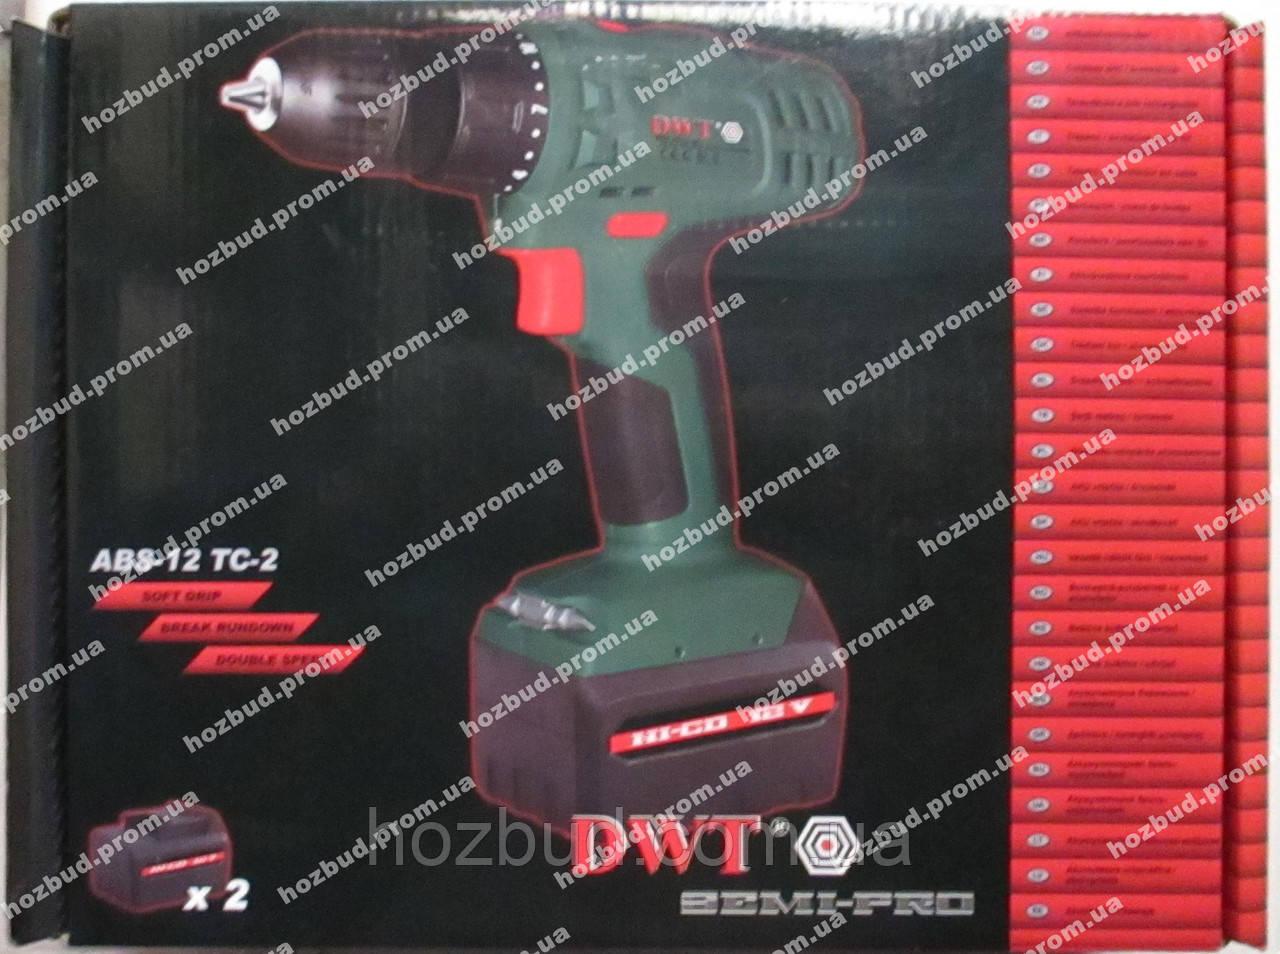 Шуруповерт акумуляторний DWT ABS-12 TC-2